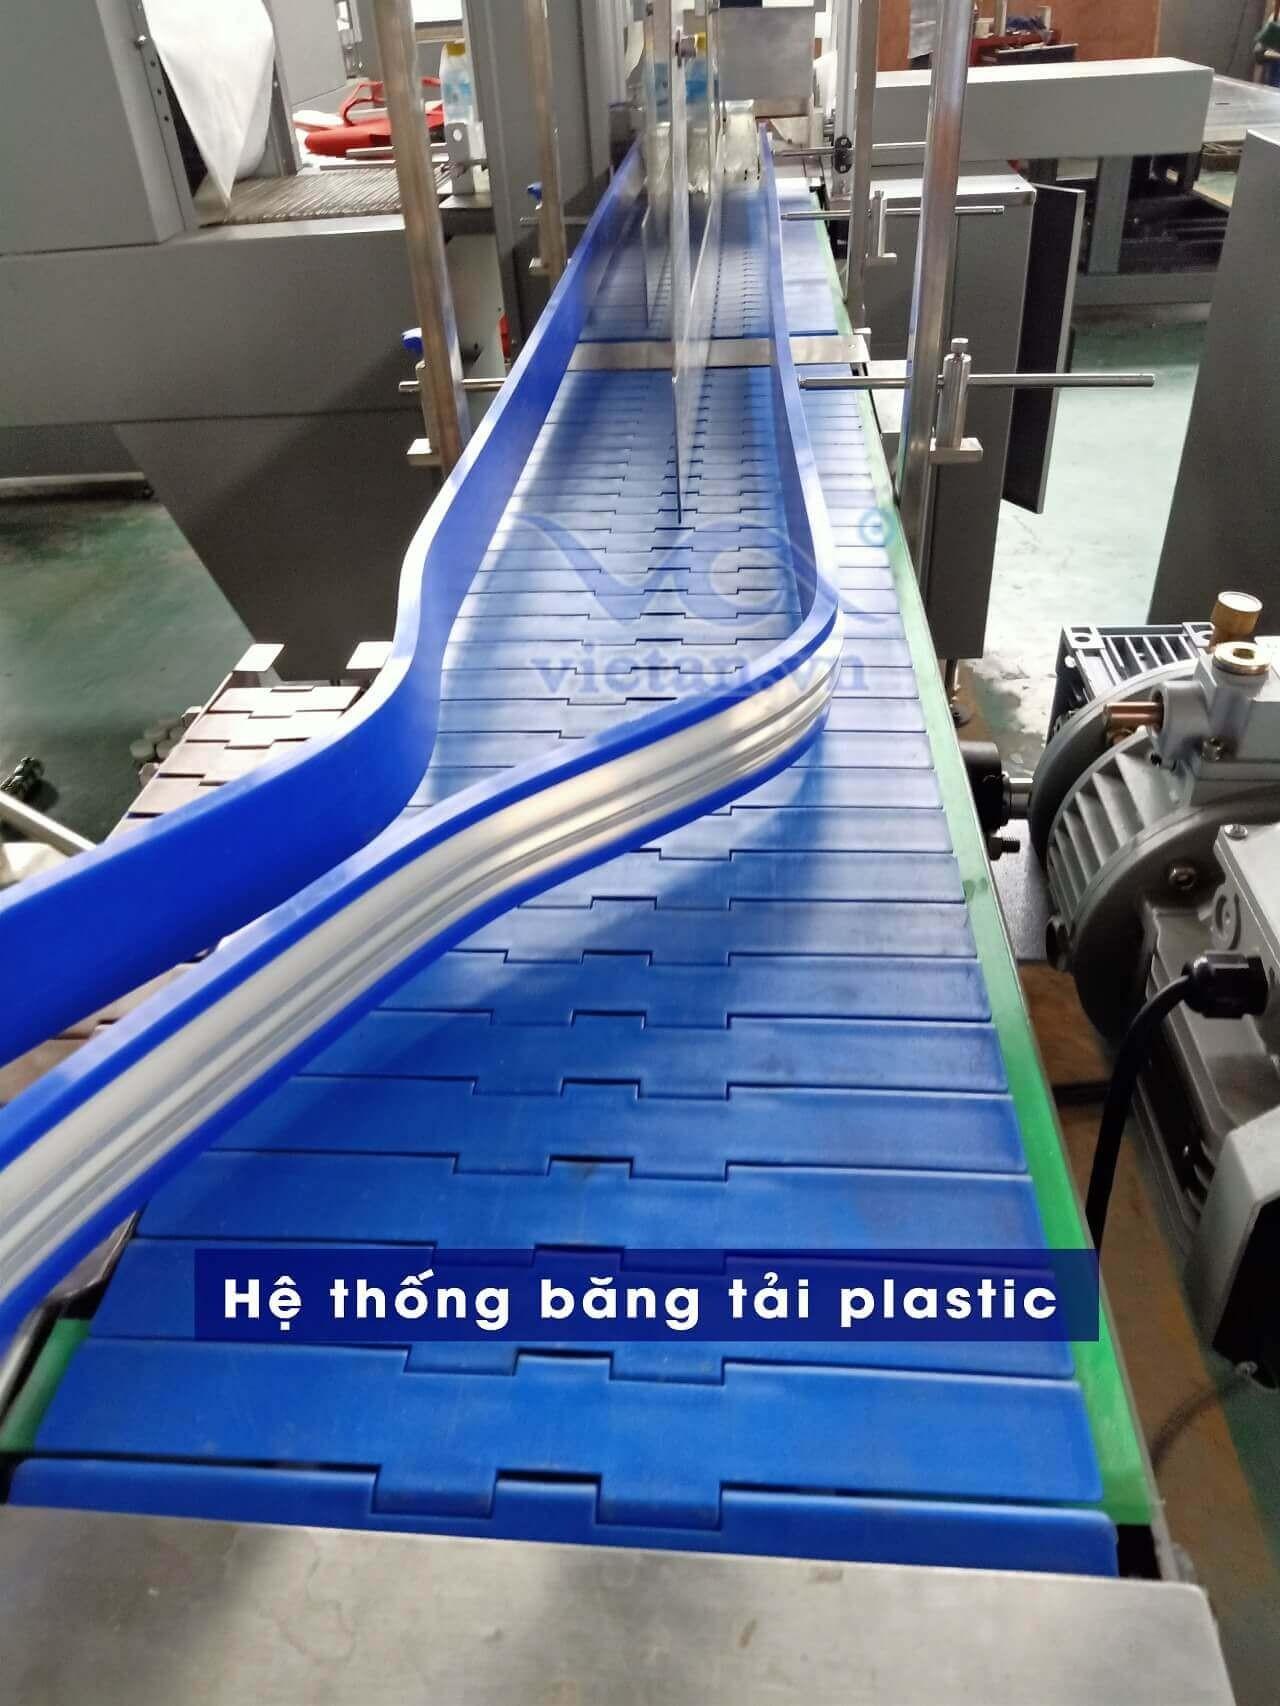 Hệ thống băng tải plastic